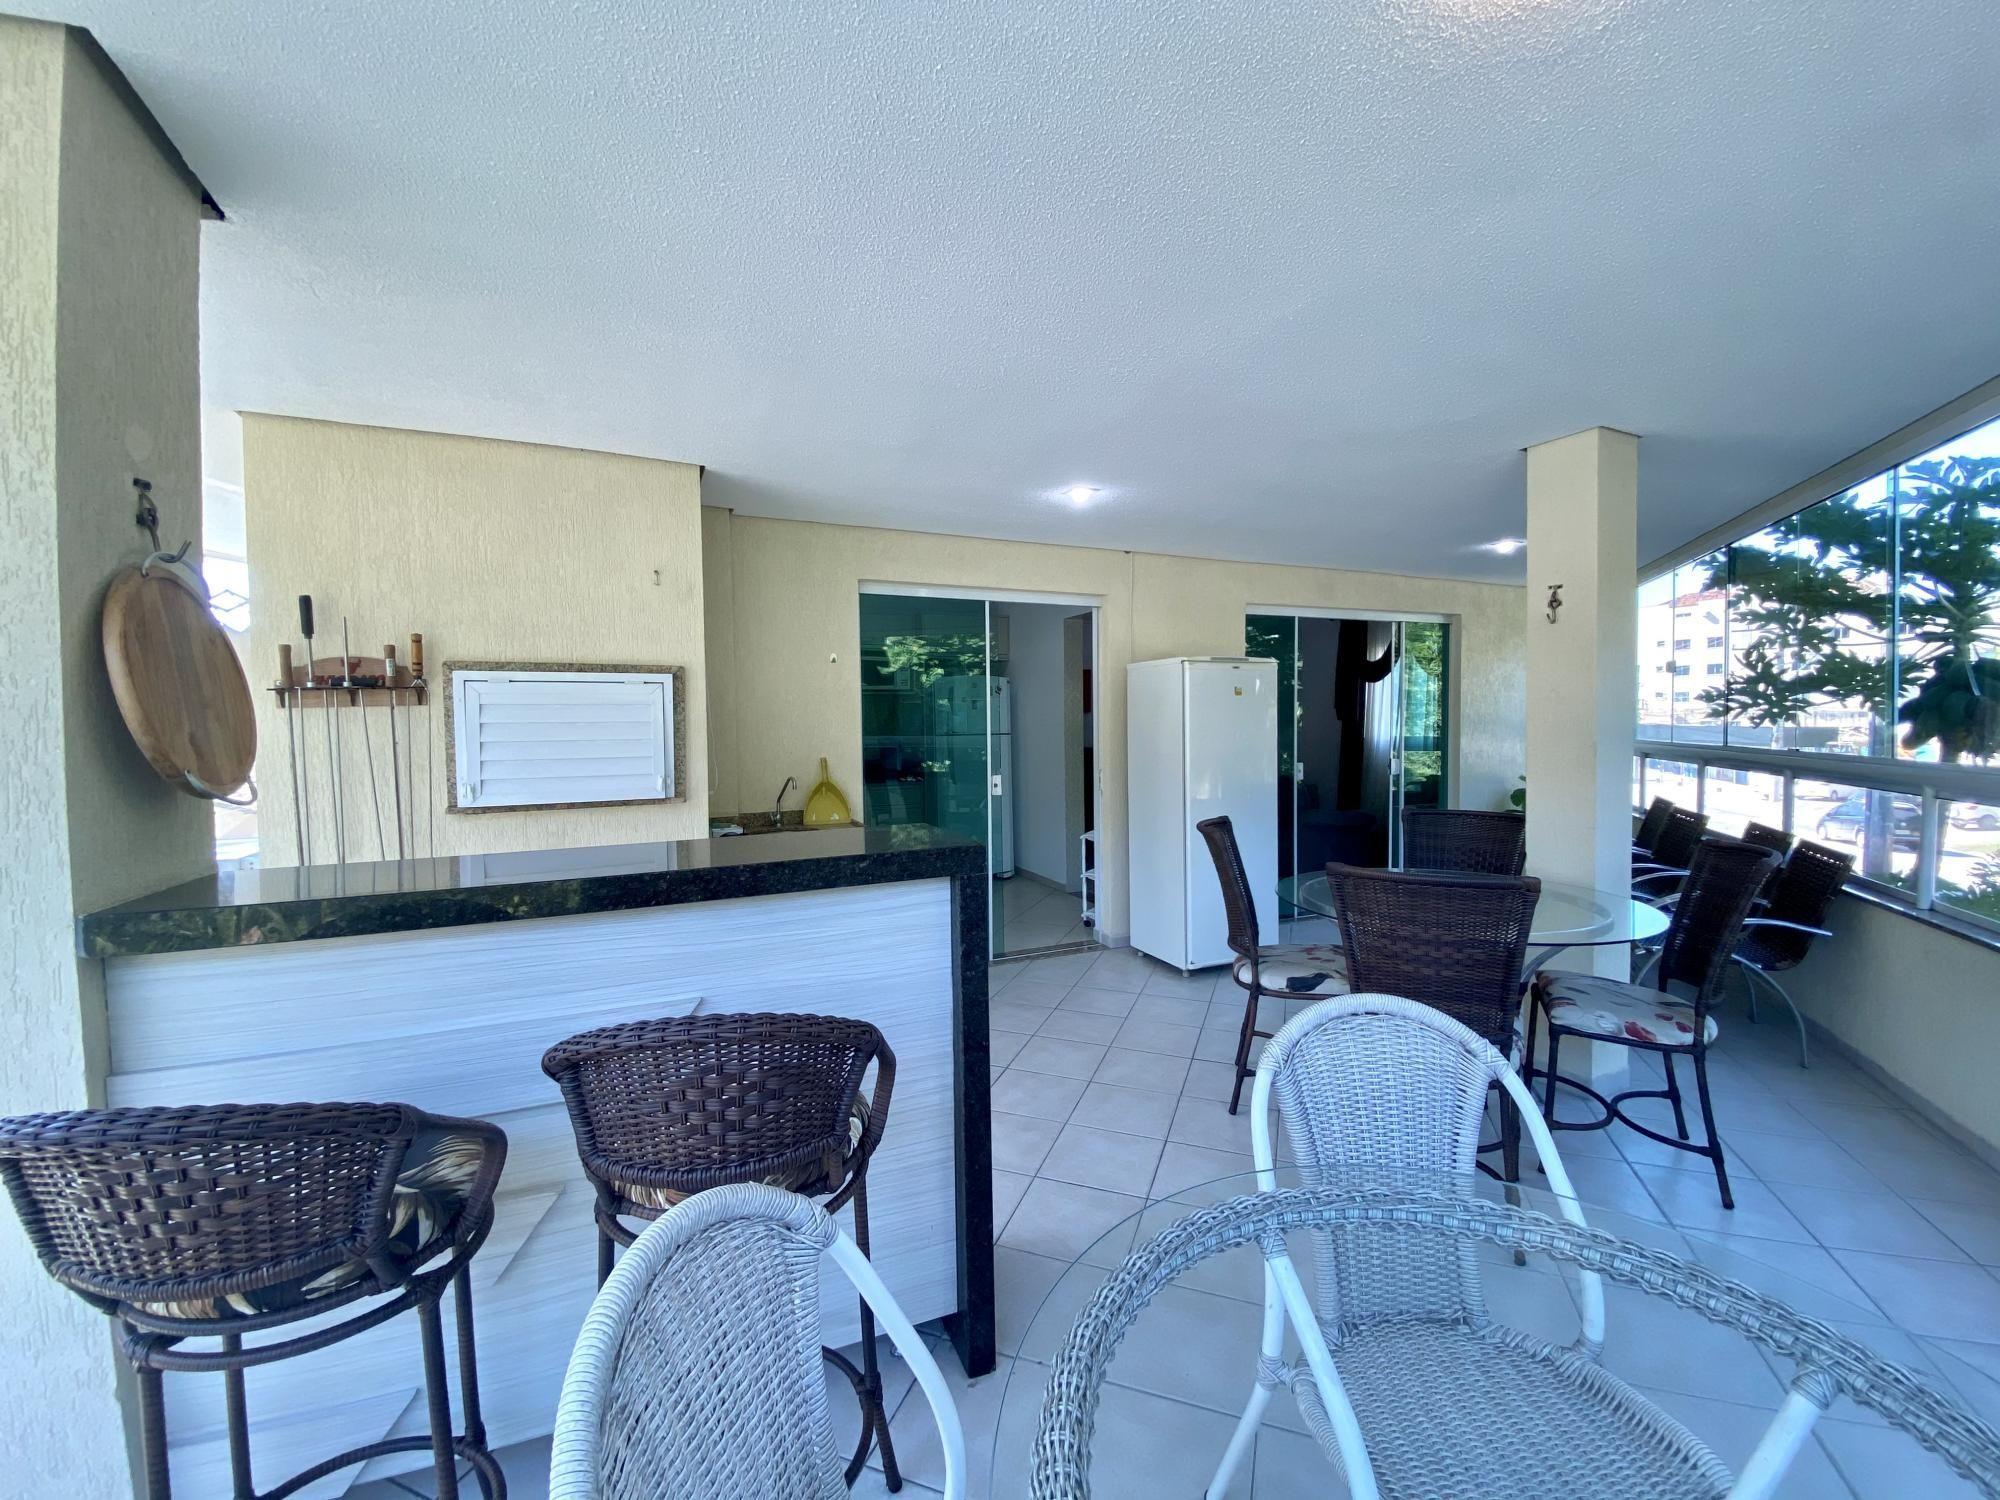 Apartamento com 3 Dormitórios para alugar, 110 m² por R$ 200,00